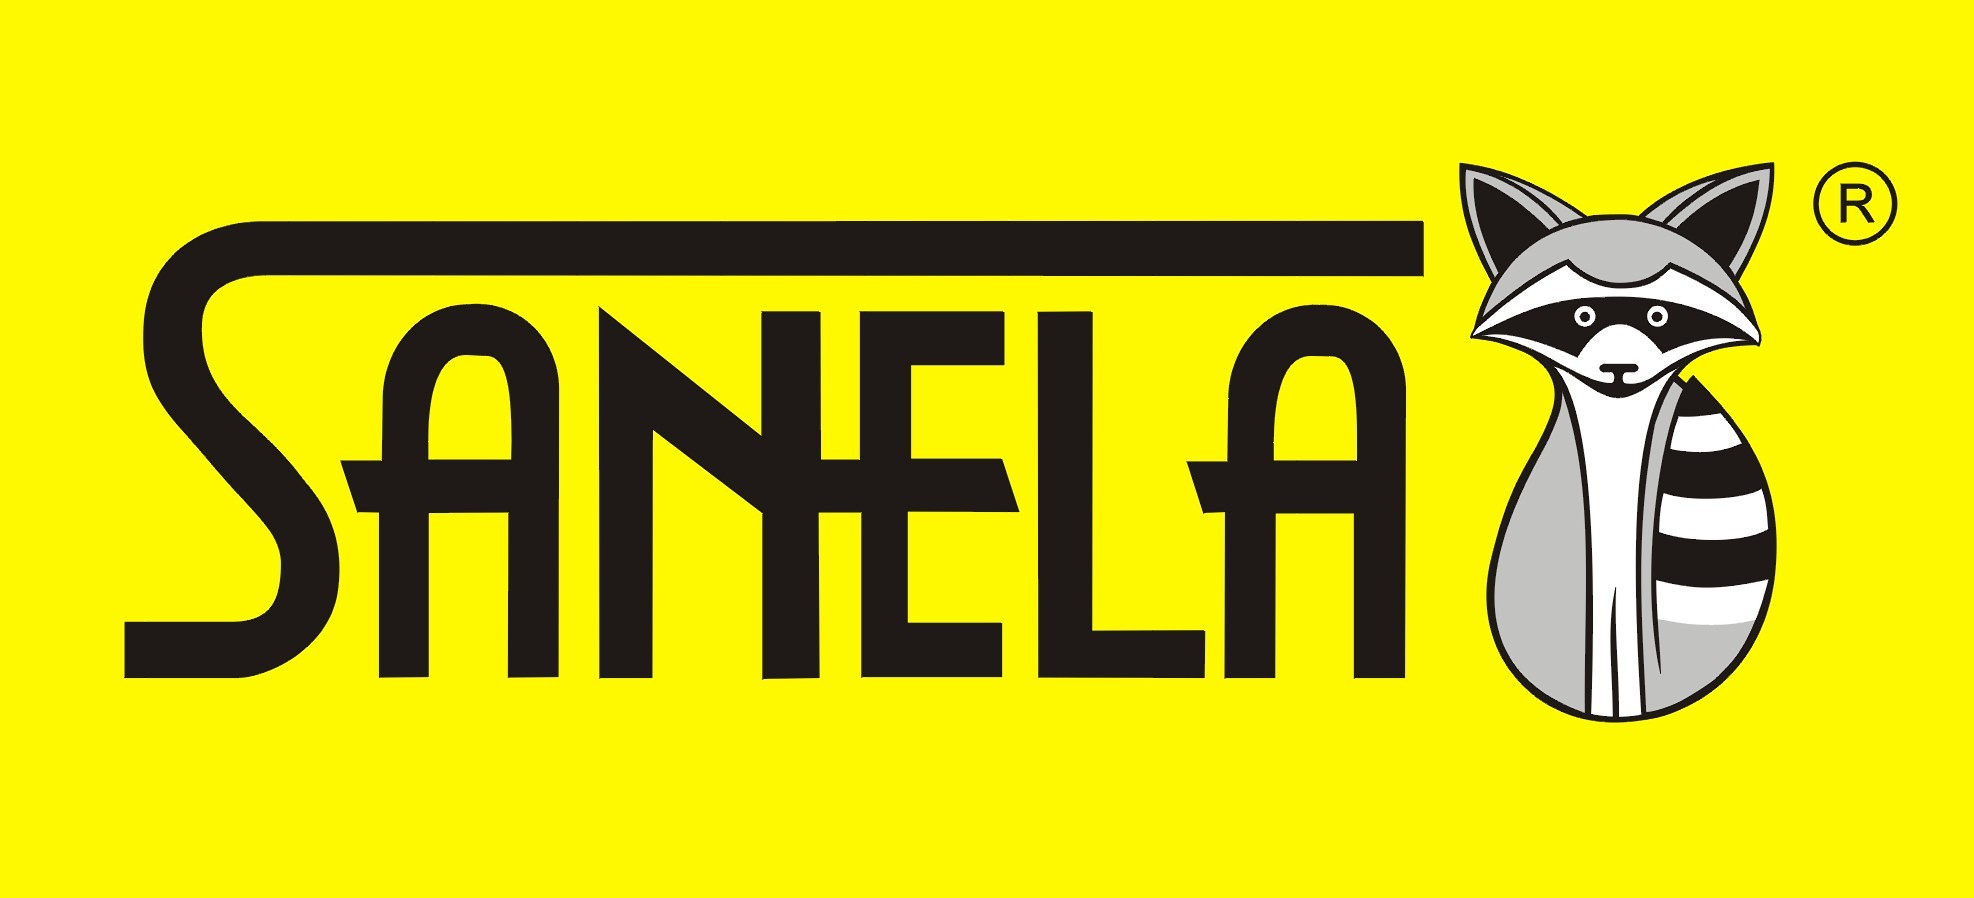 Sanela